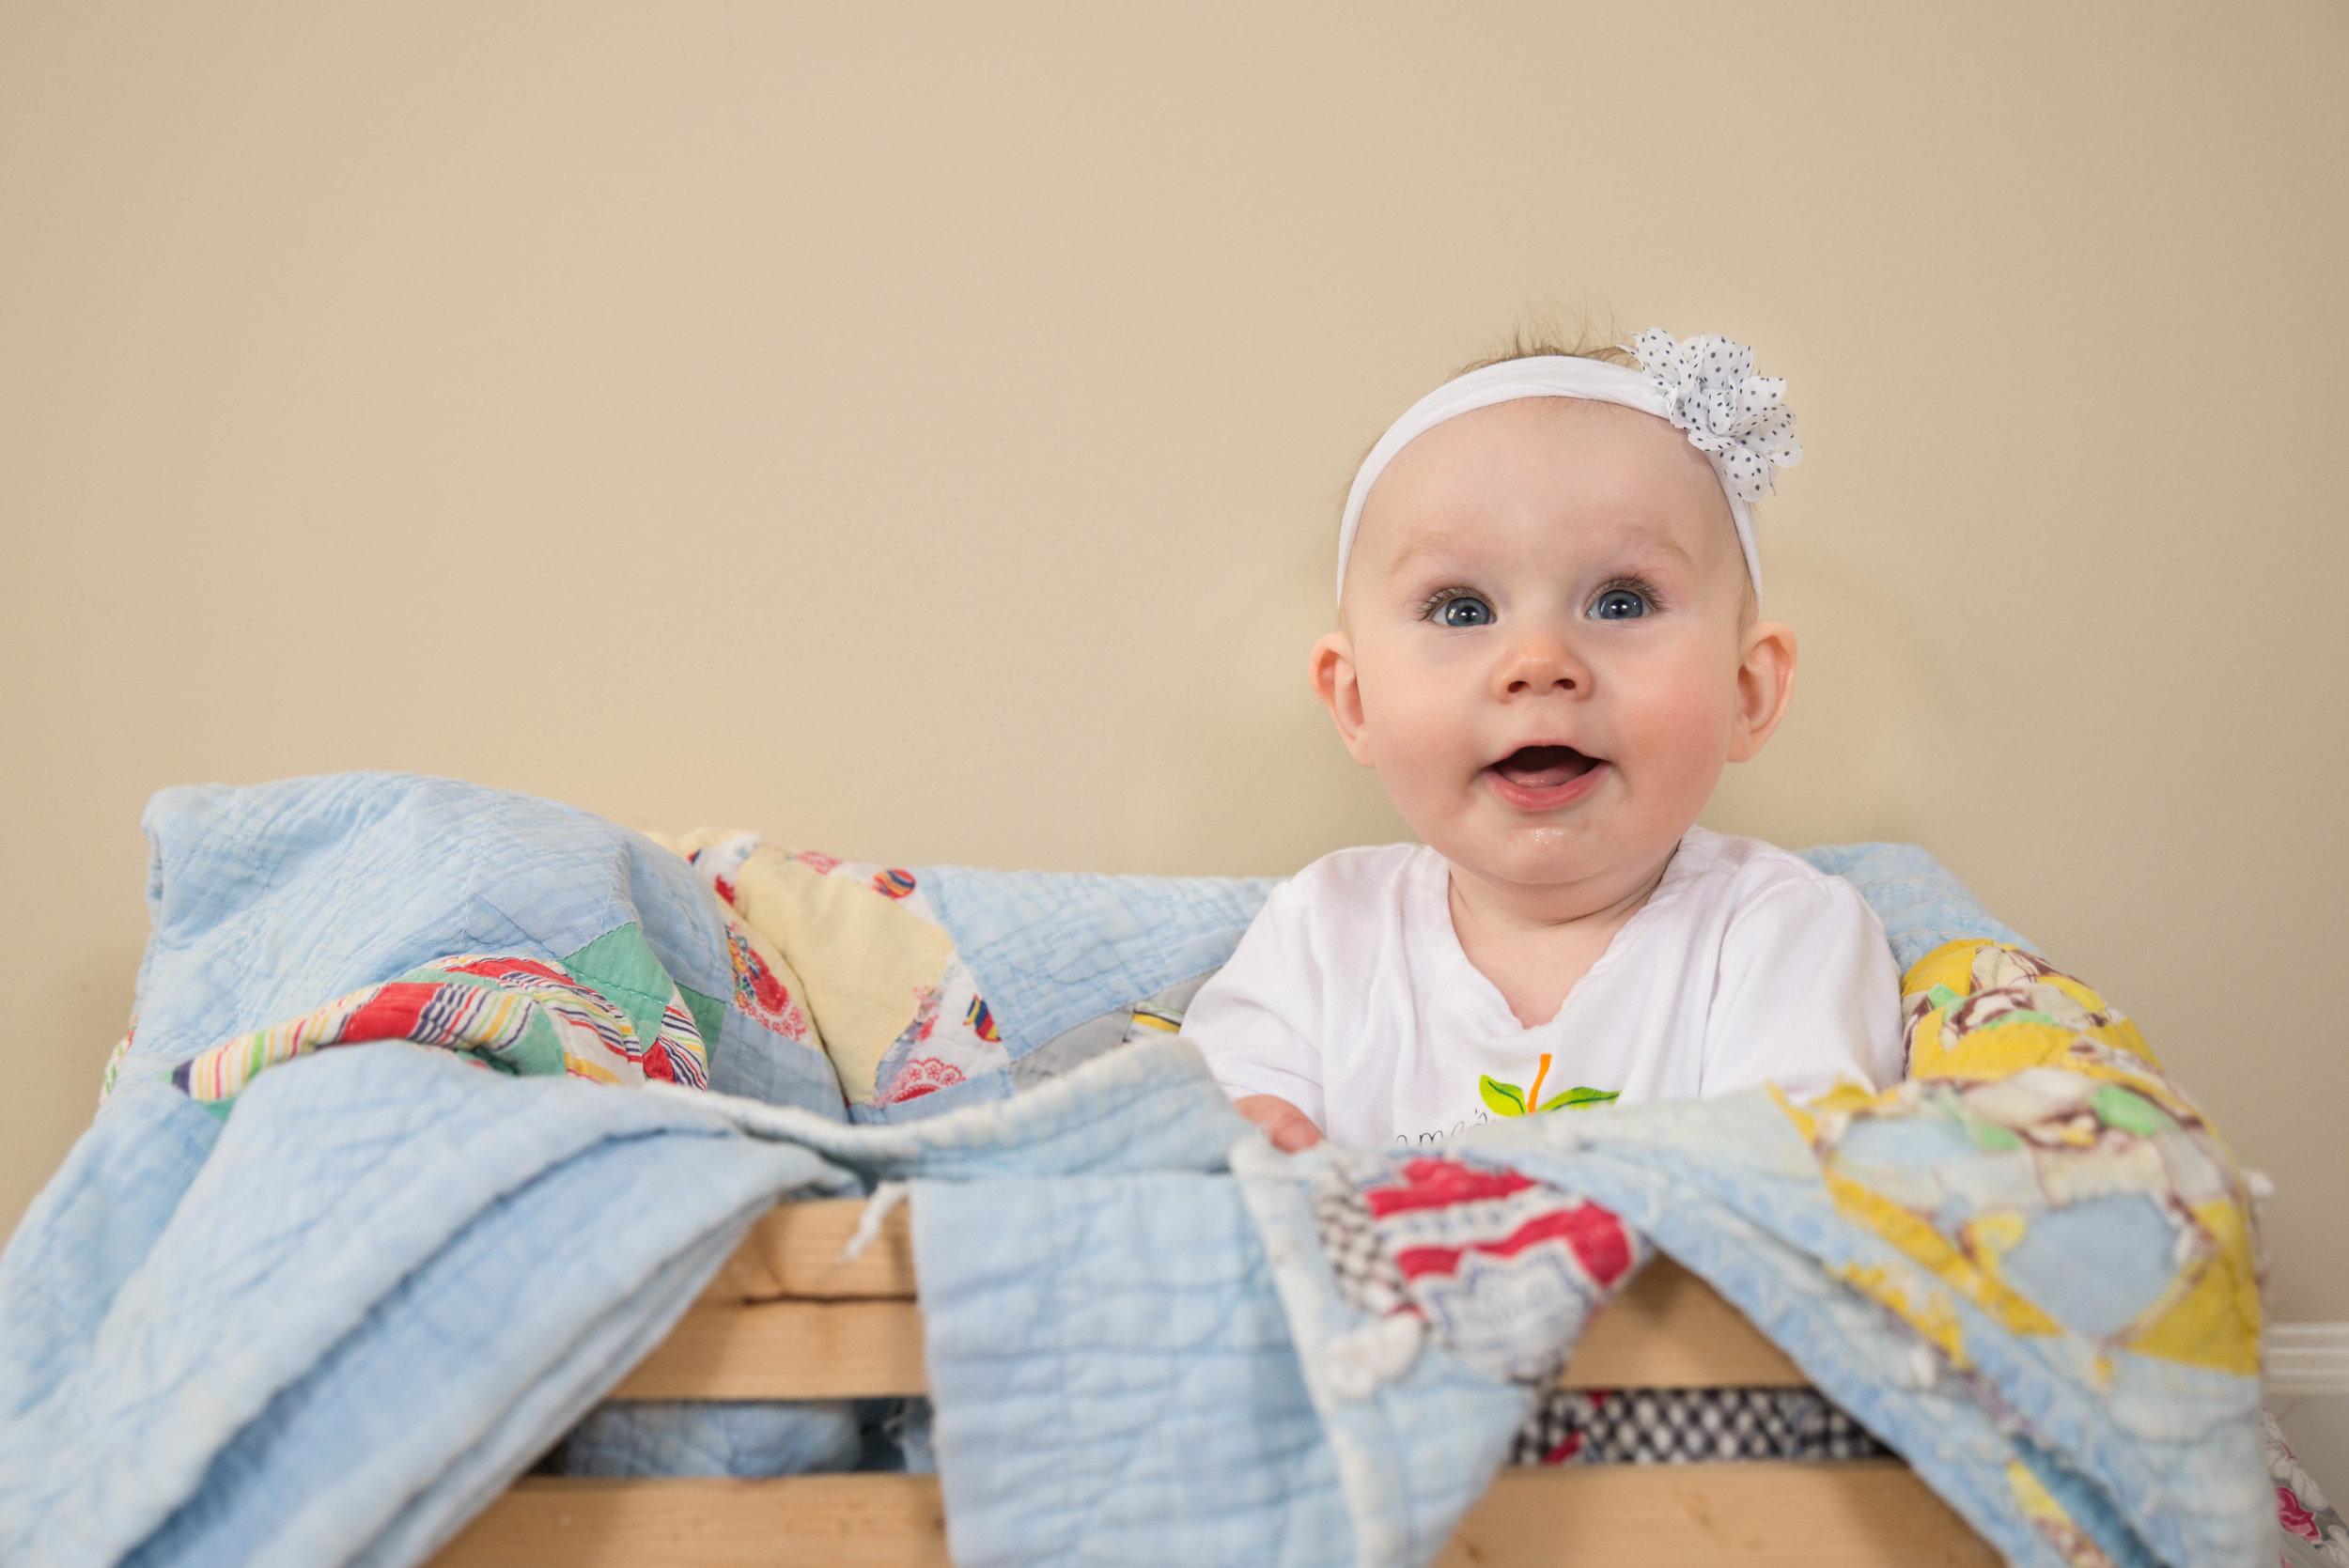 Pemberley: 6 months old!